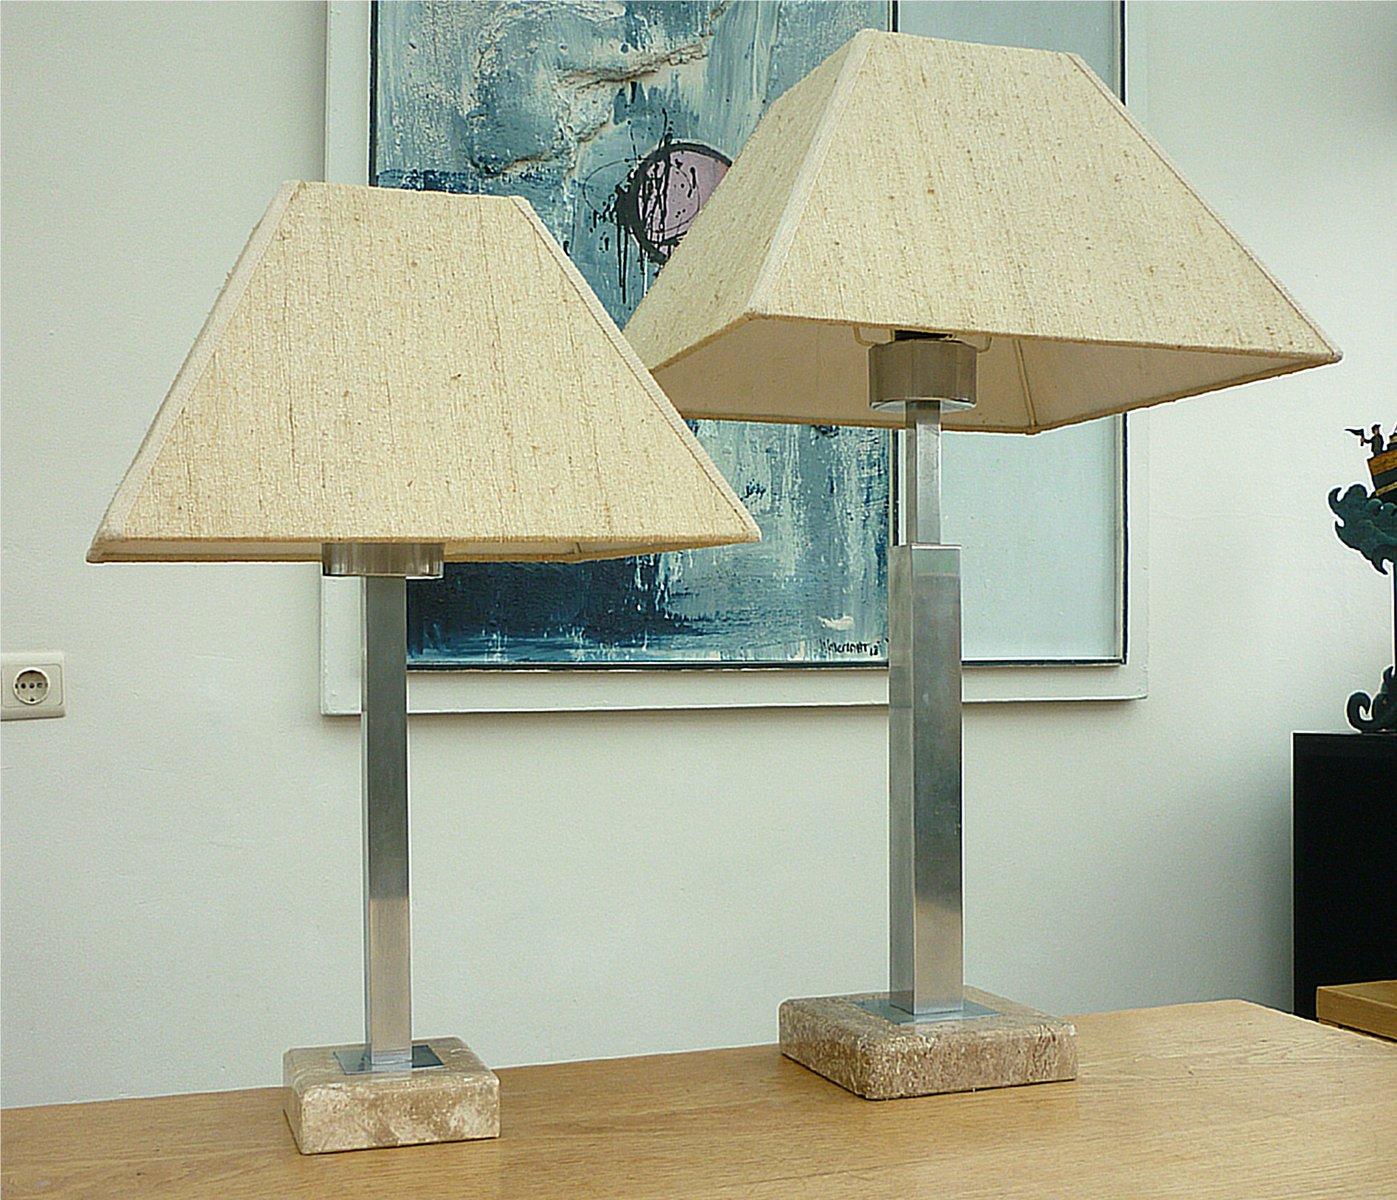 Marmor stahl lampen von maison jansen 2er set bei for Lampen niederlande